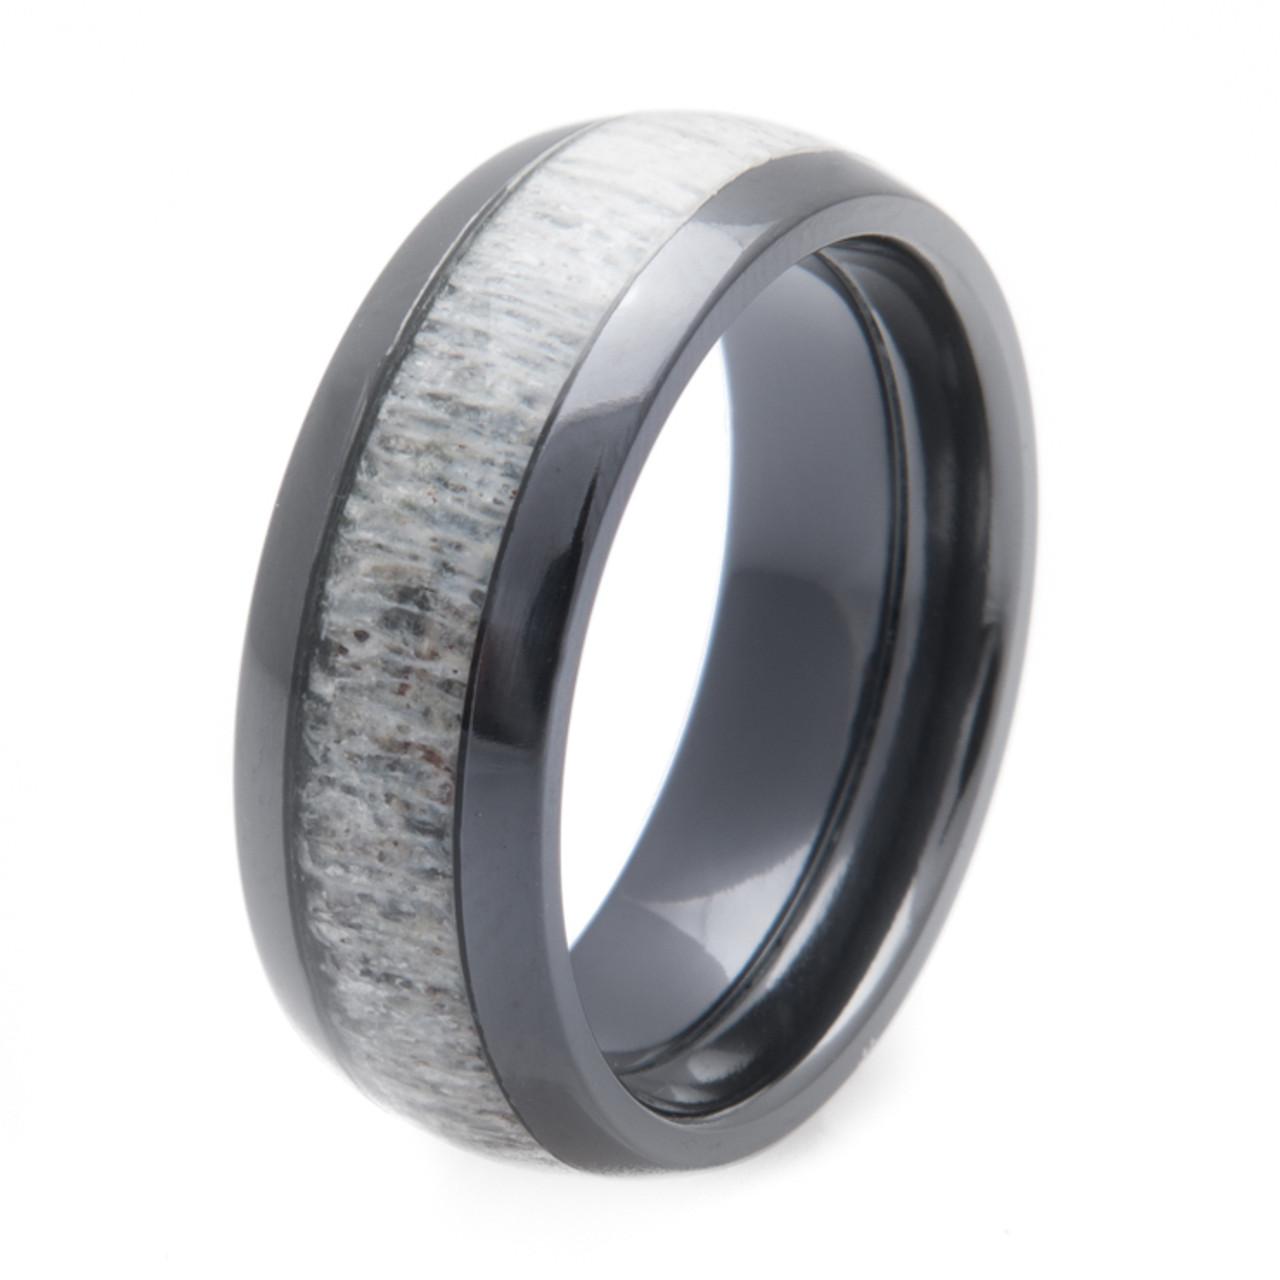 Black Zirconium Deer Antler Inlay Ring Titanium Buzz